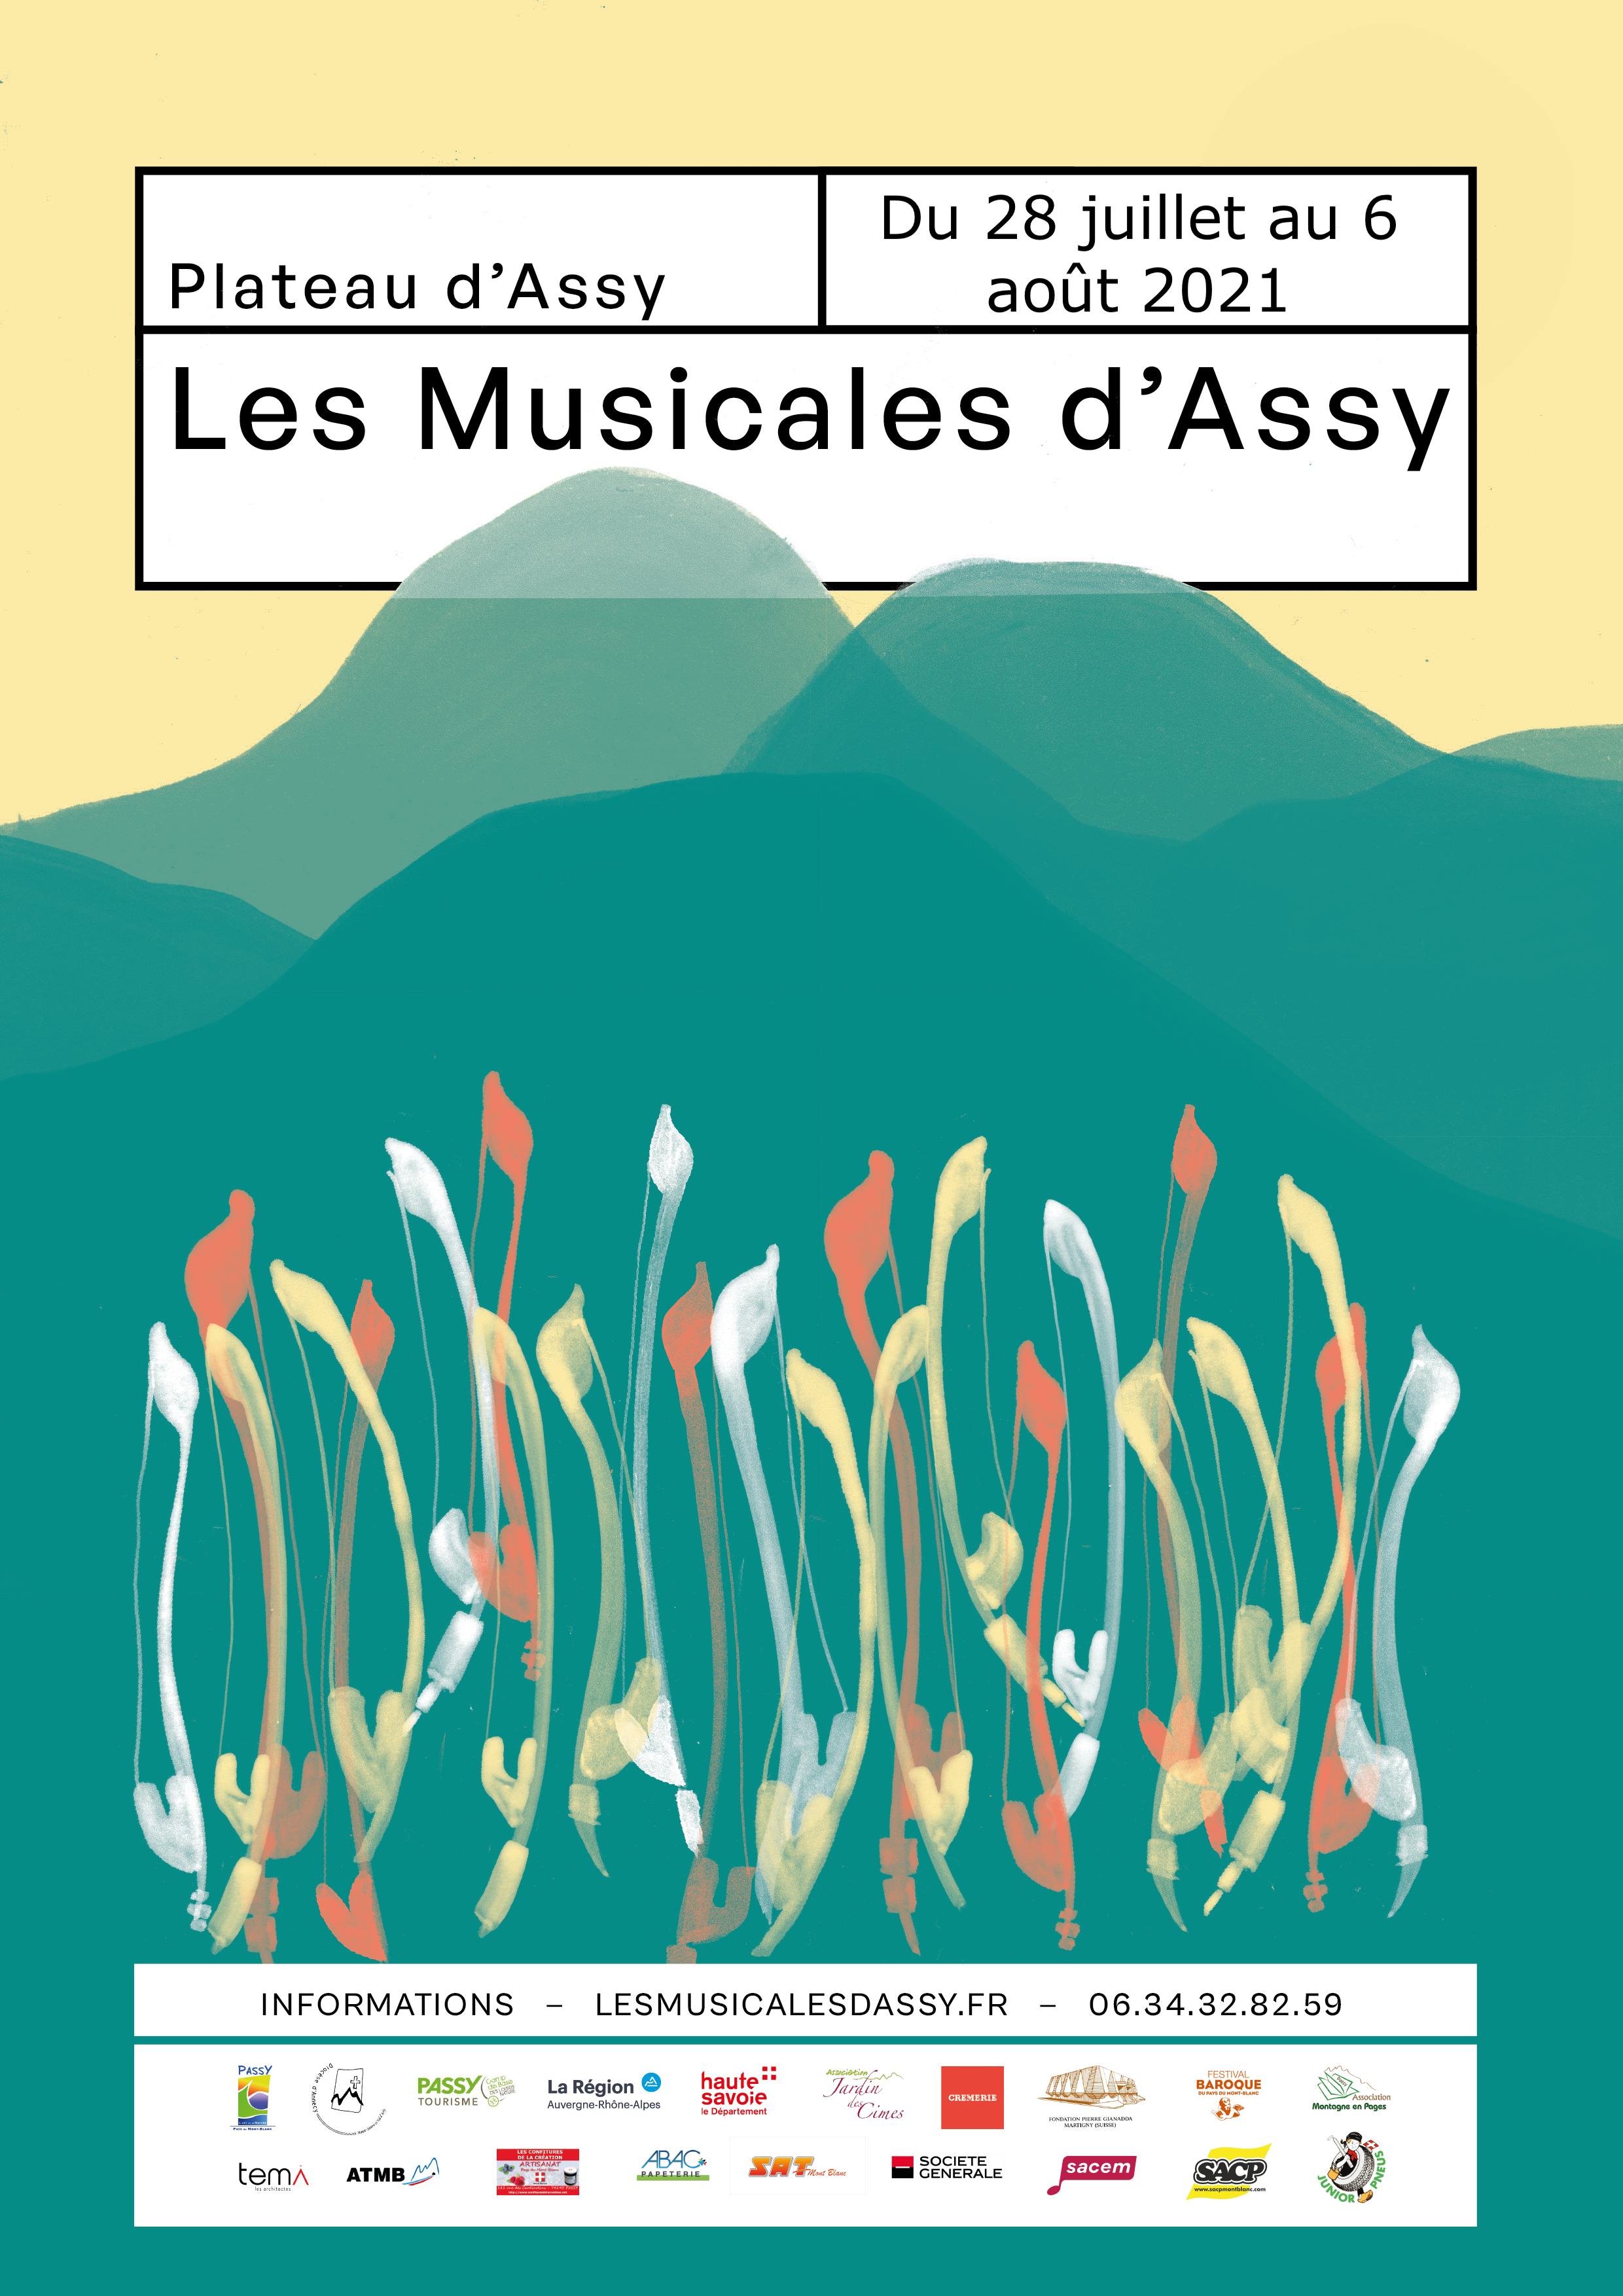 Les Musicales d'Assy